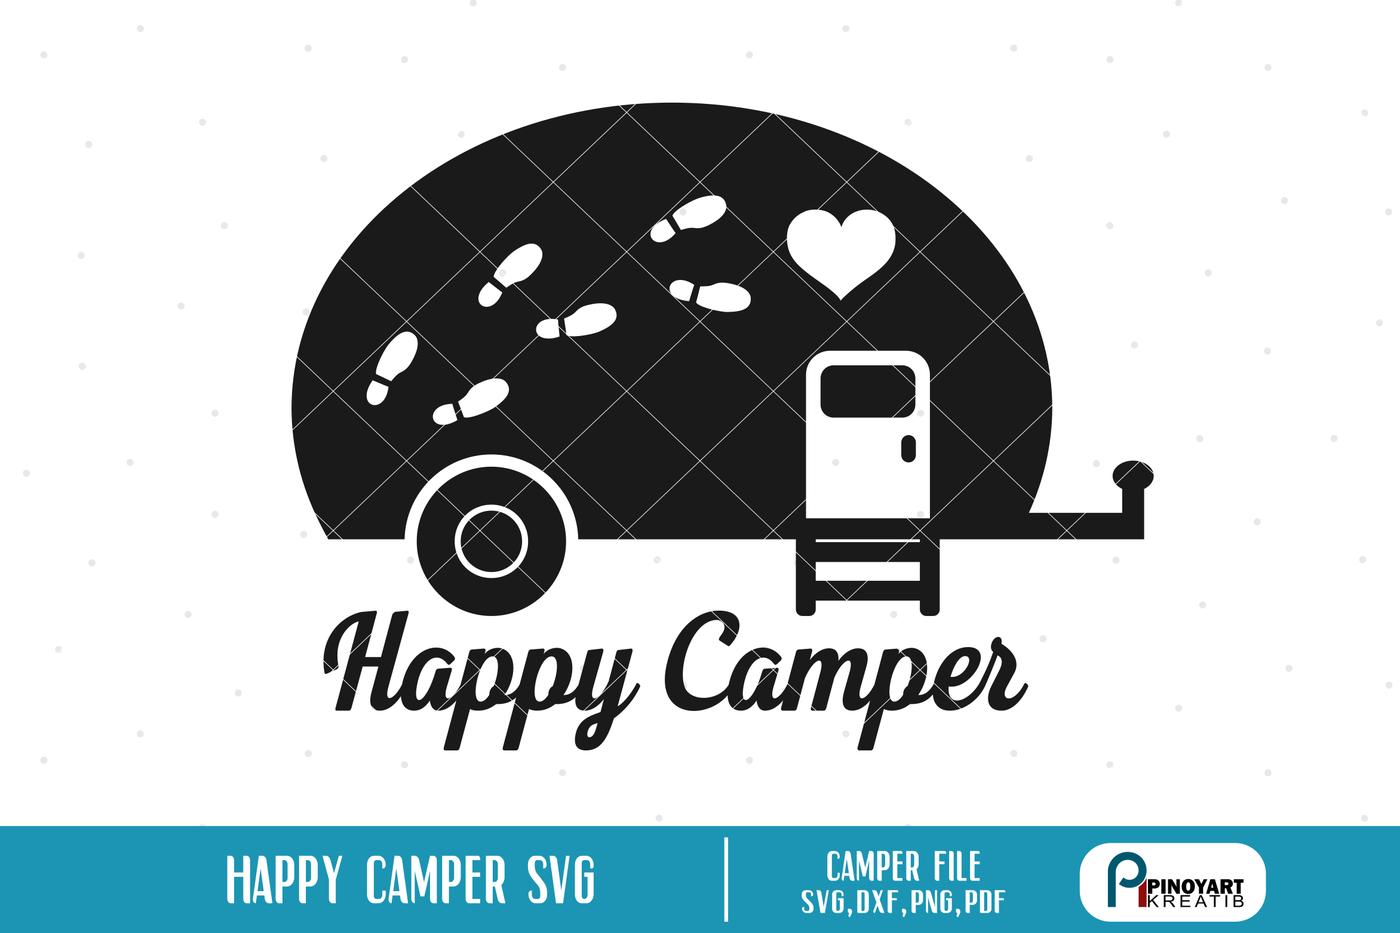 Camper Svg Camper Svg File Happy Camper Svg Happy Camper Svg